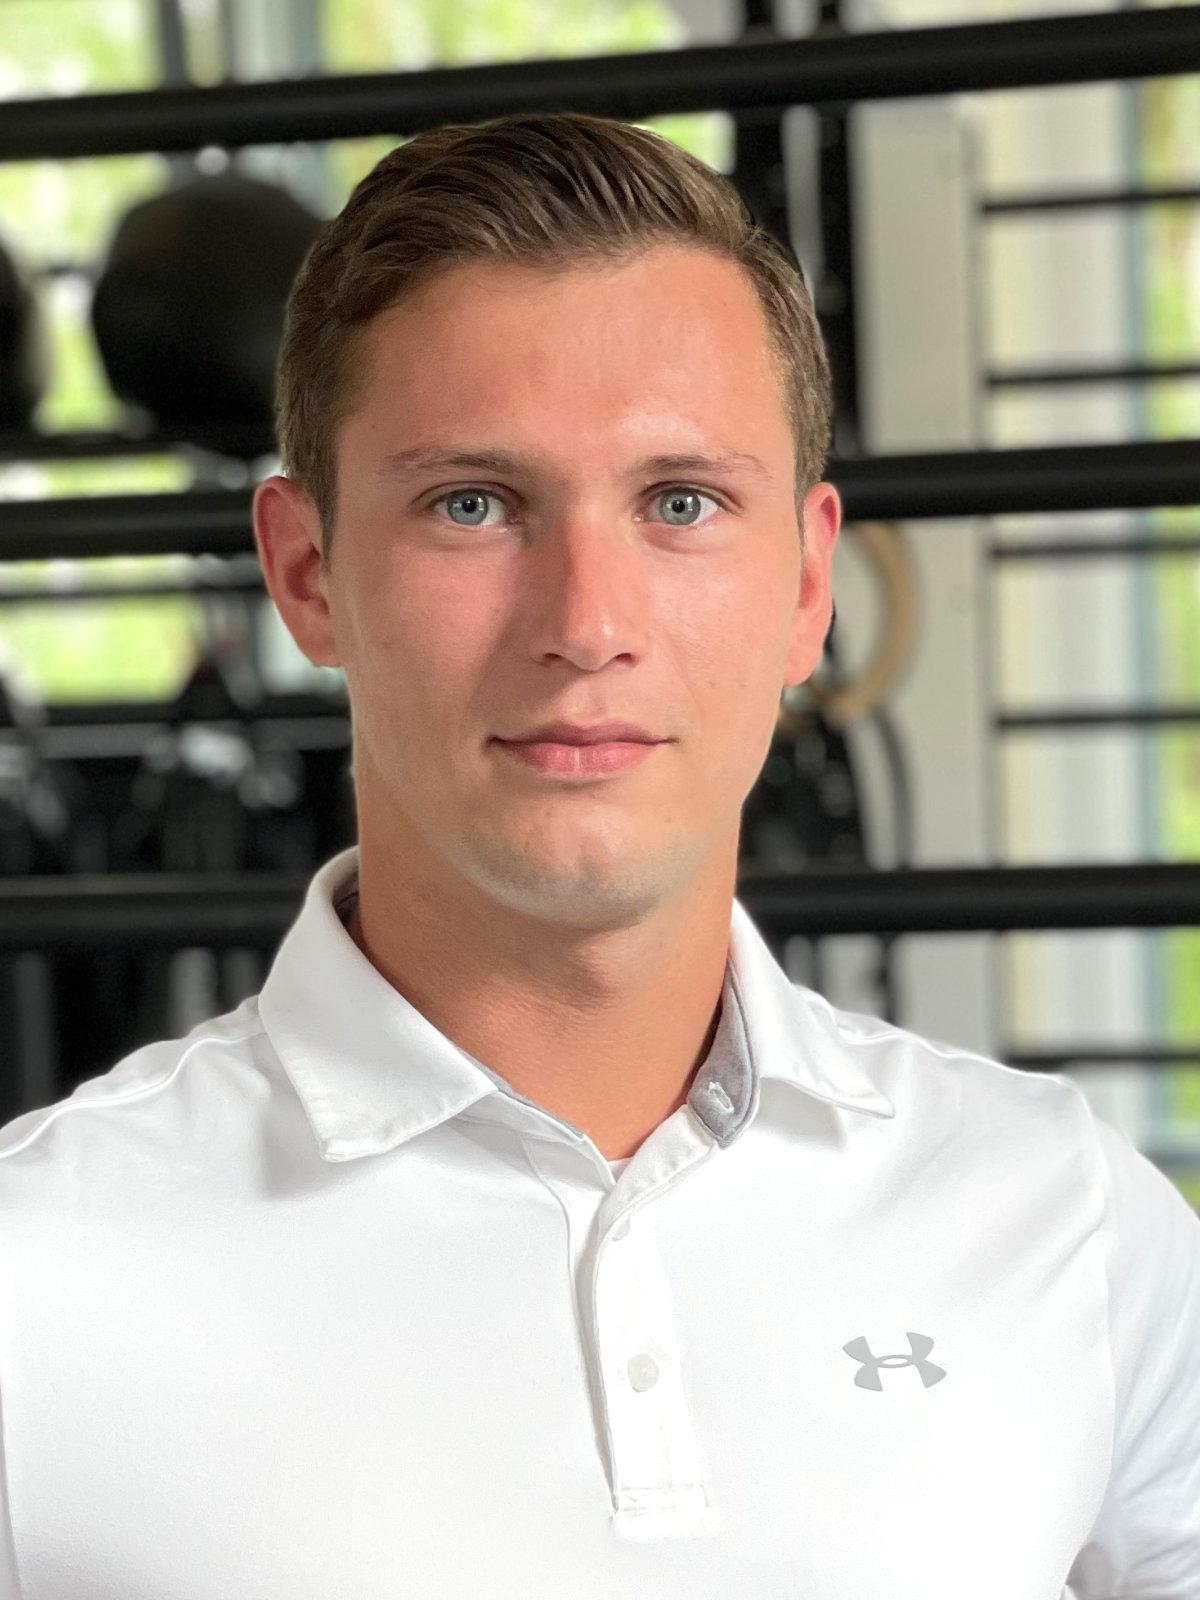 Max Neubert